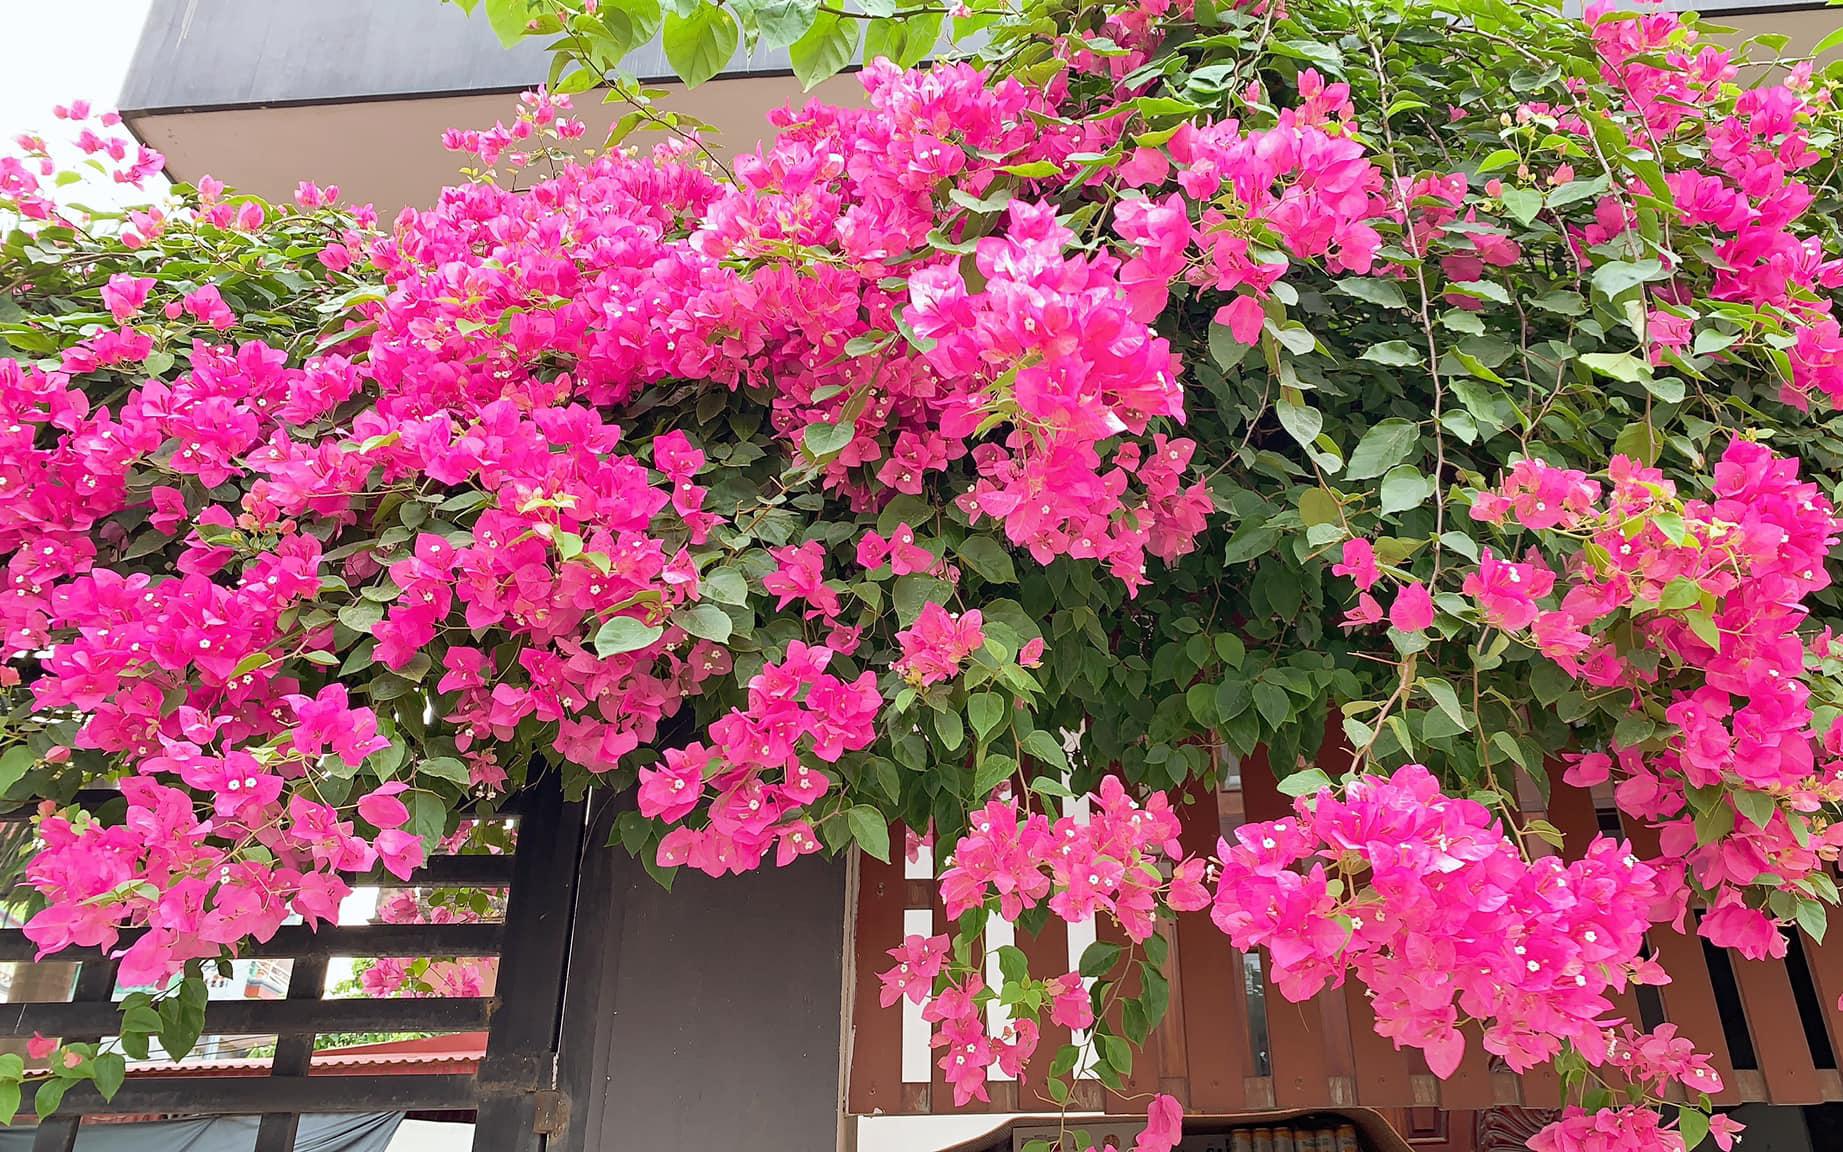 Từ gốc bị cưa cụt, sau 5 năm chăm sóc mẹ trẻ Hà Nội khiến ai đi qua cũng phải ngoái nhìn với giàn hoa giấy trước cổng